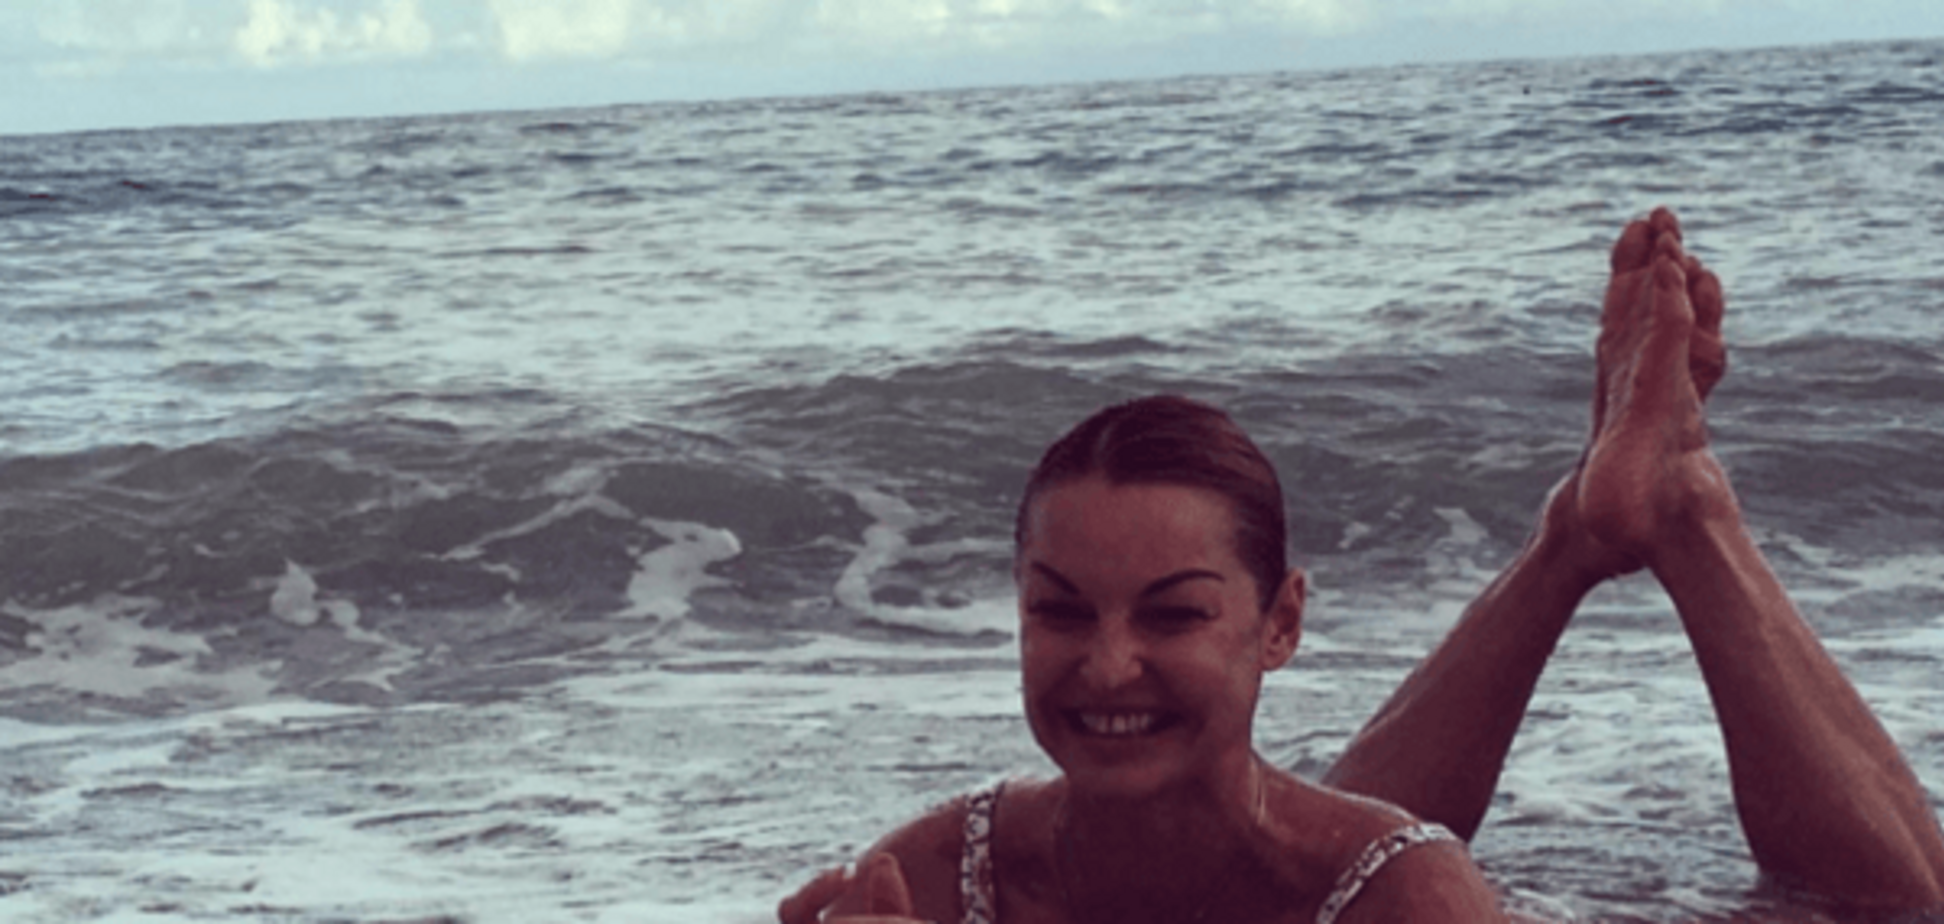 Турецкие каникулы: Волочкова выложила в Instagram фото со своим 'морским' шпагатом